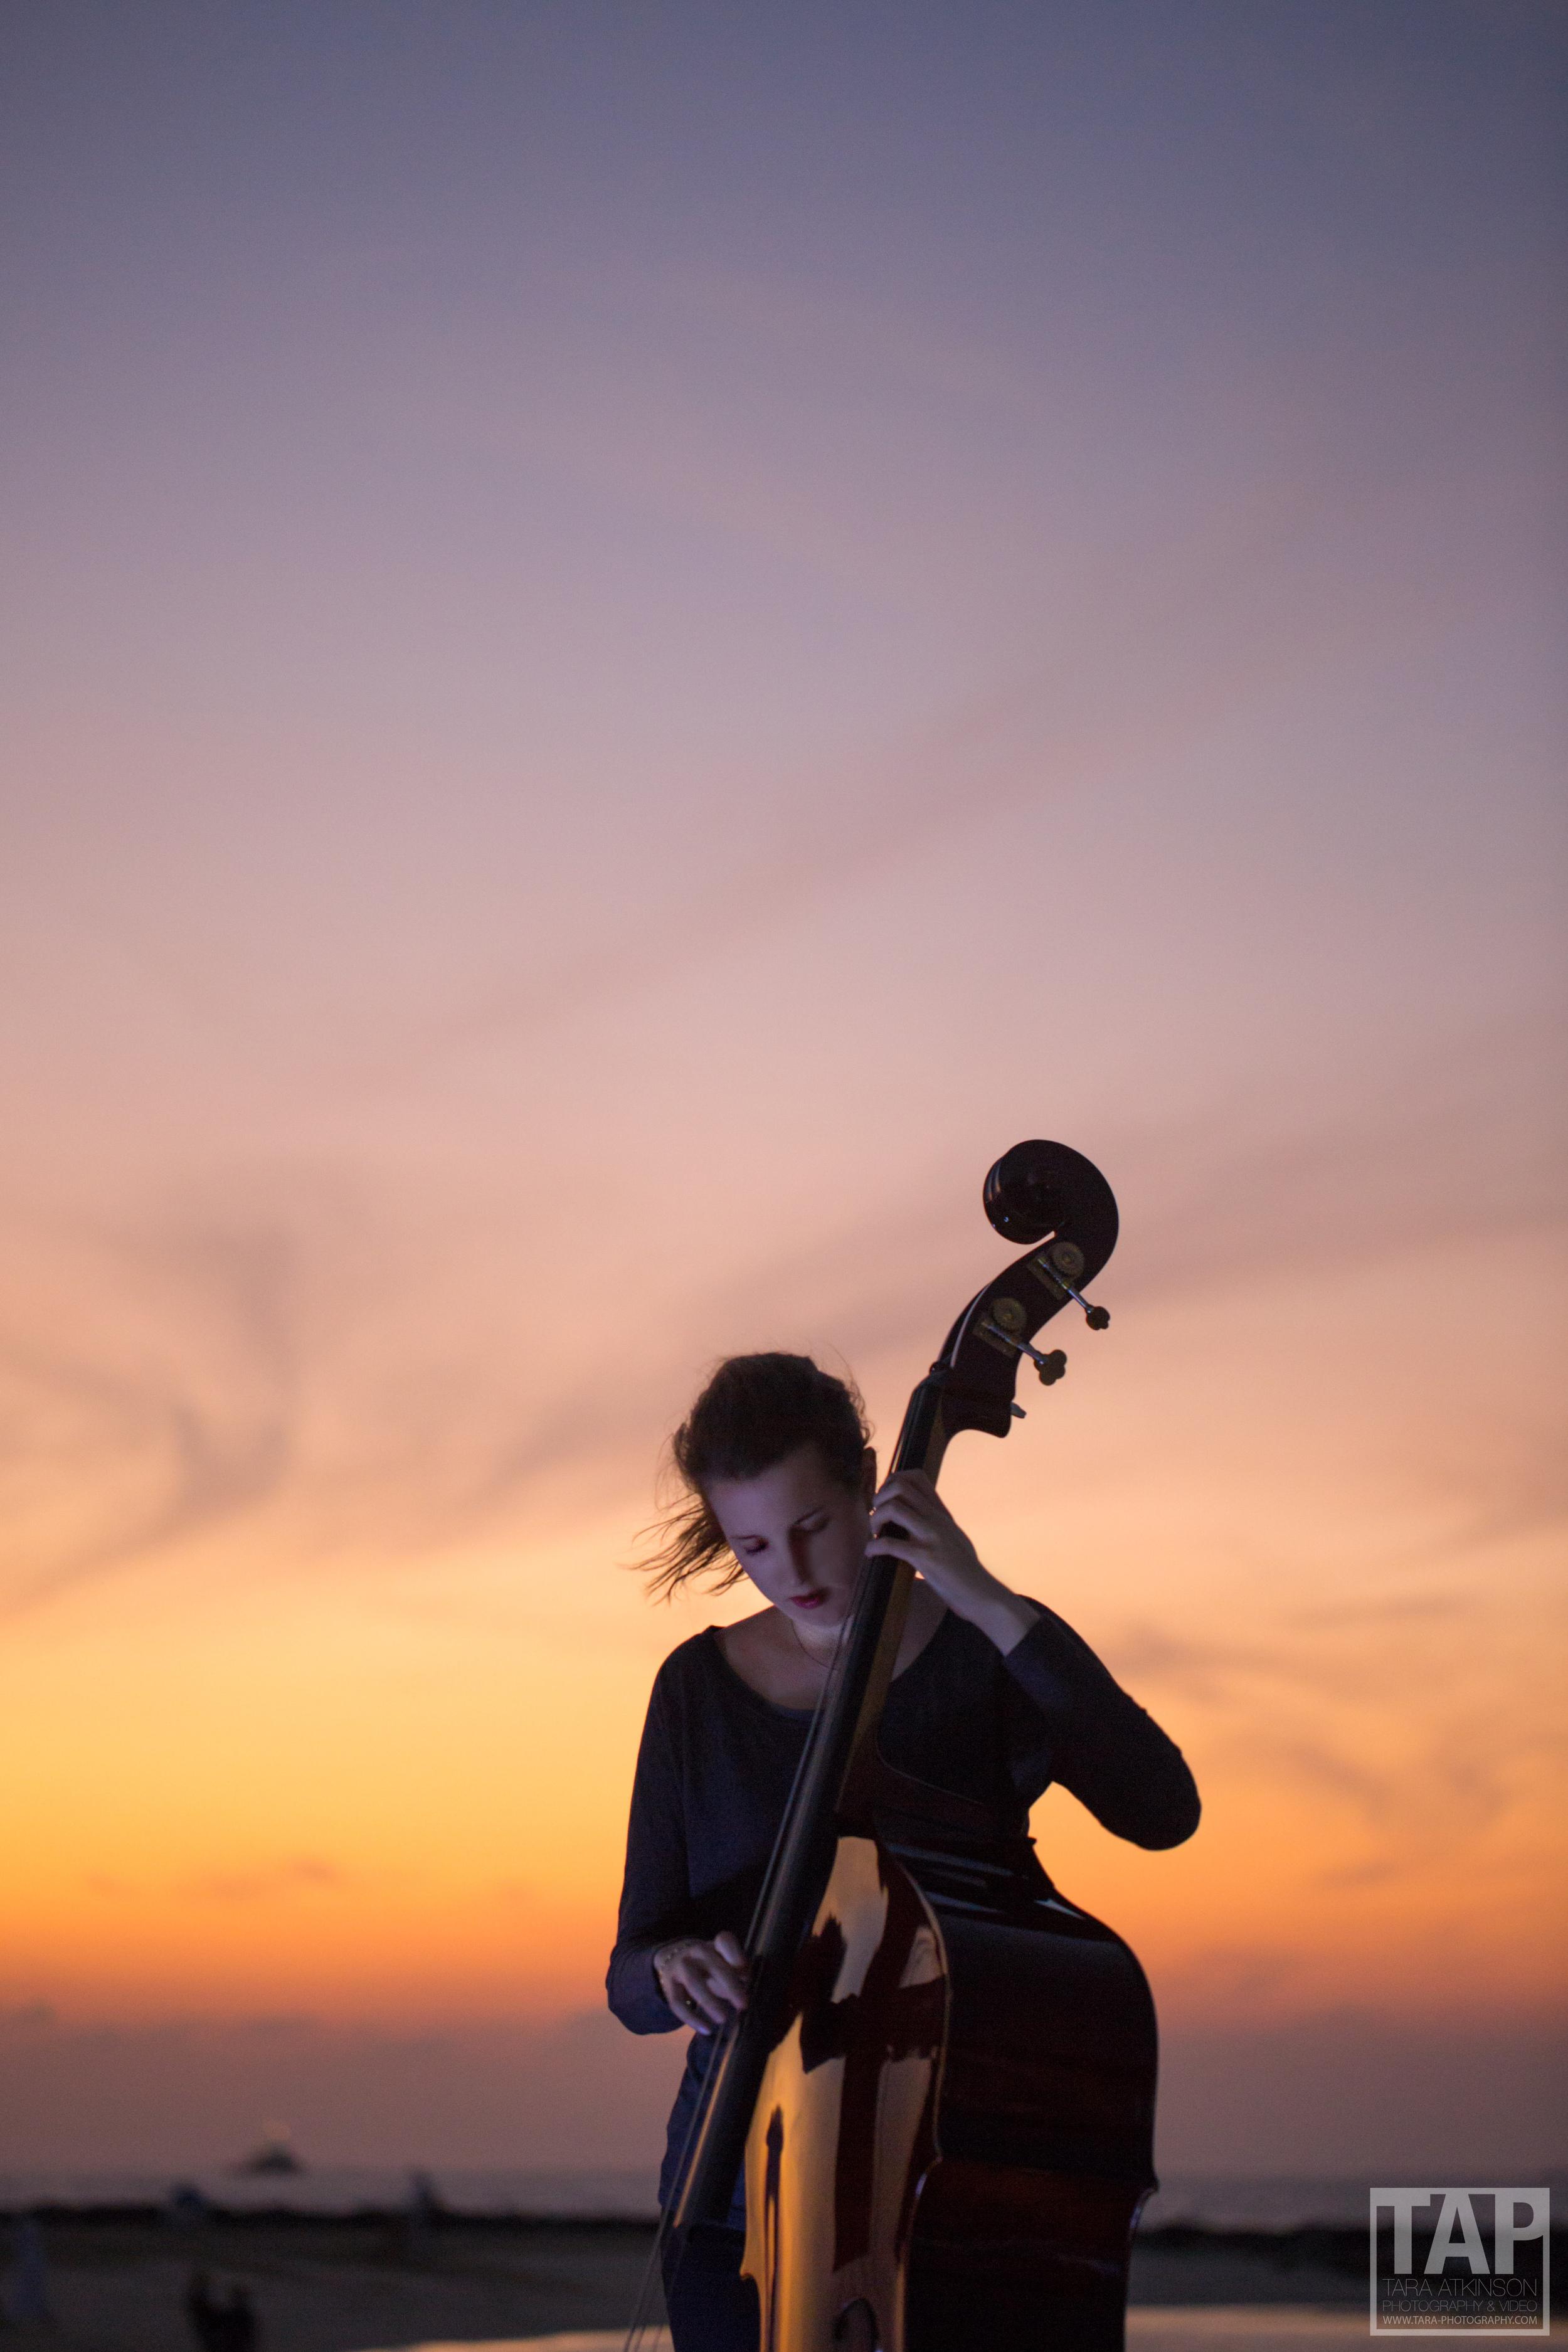 Cello Player on the beach, Dubai